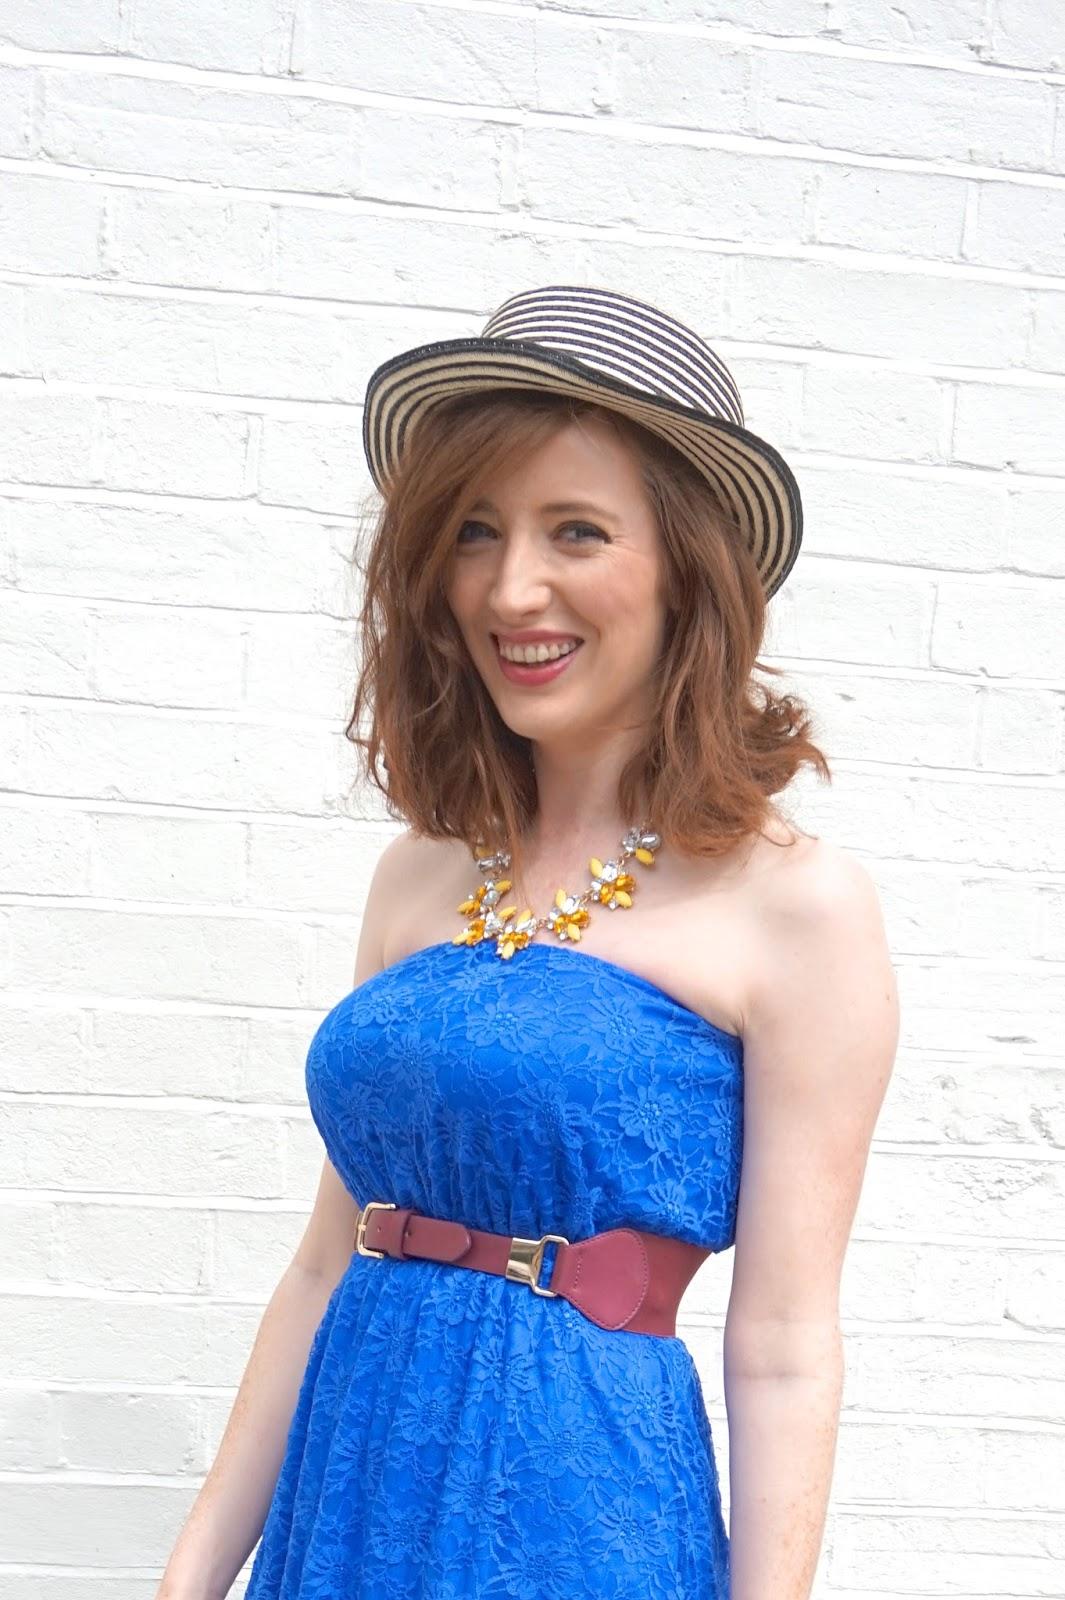 bec boop fashion blog